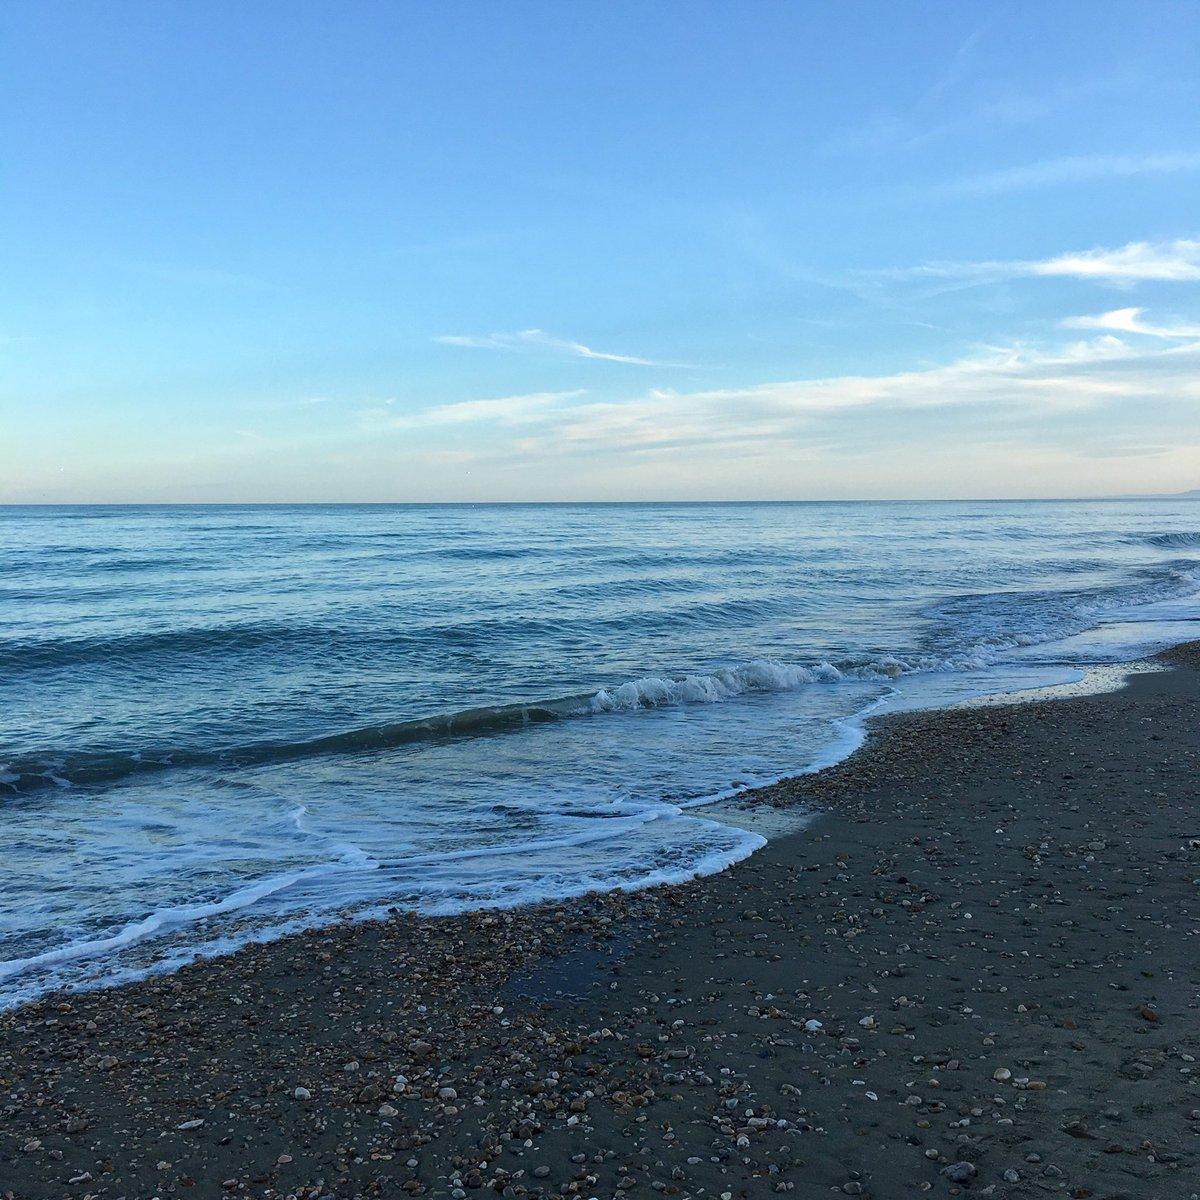 Mare d'inverno #AlbaAdriatica